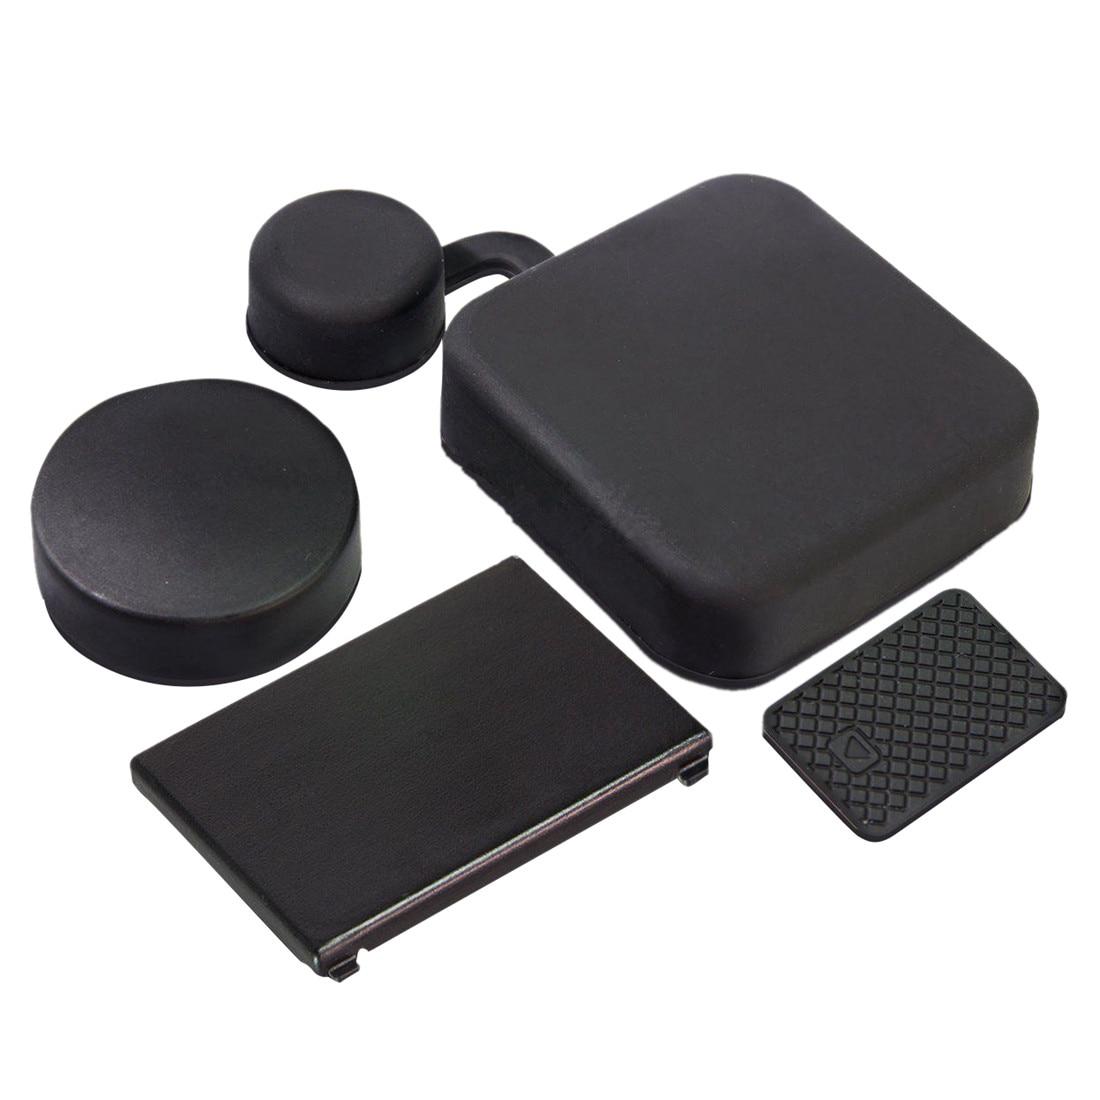 4 In 1 Housing Lens Cover+Lens Cap +Replacement Battery Door+Side Door Cover For GoPro Hero 4/3+ Camera